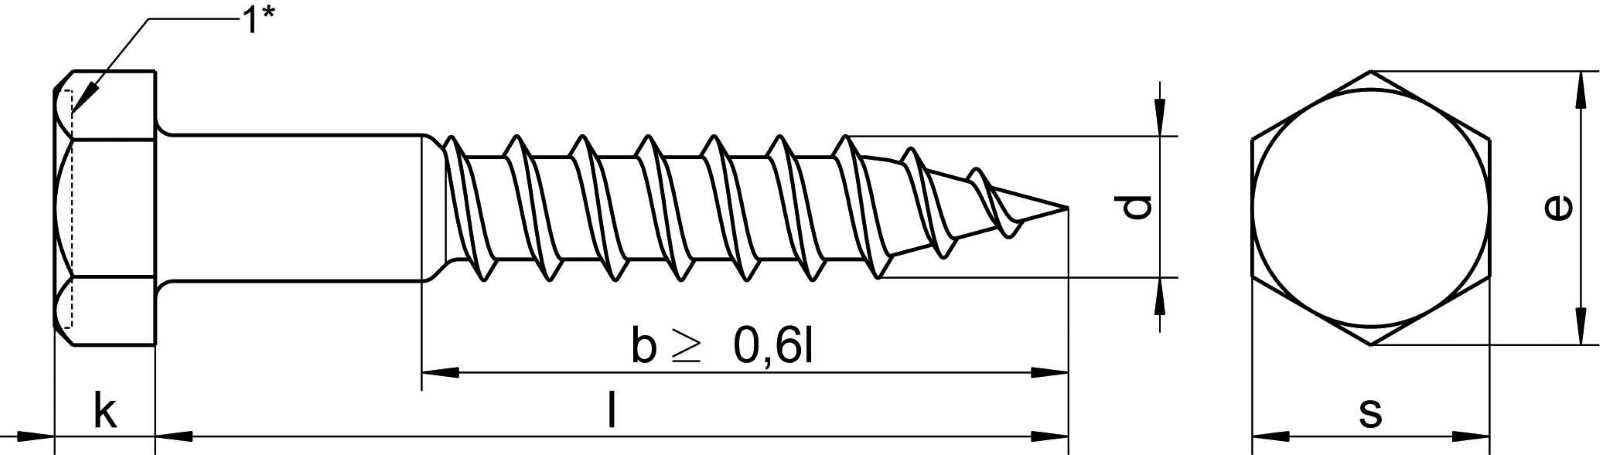 Technische Zeichnung für DIN 571 Technisches Datenblatt für Holzschrauben nach Norm